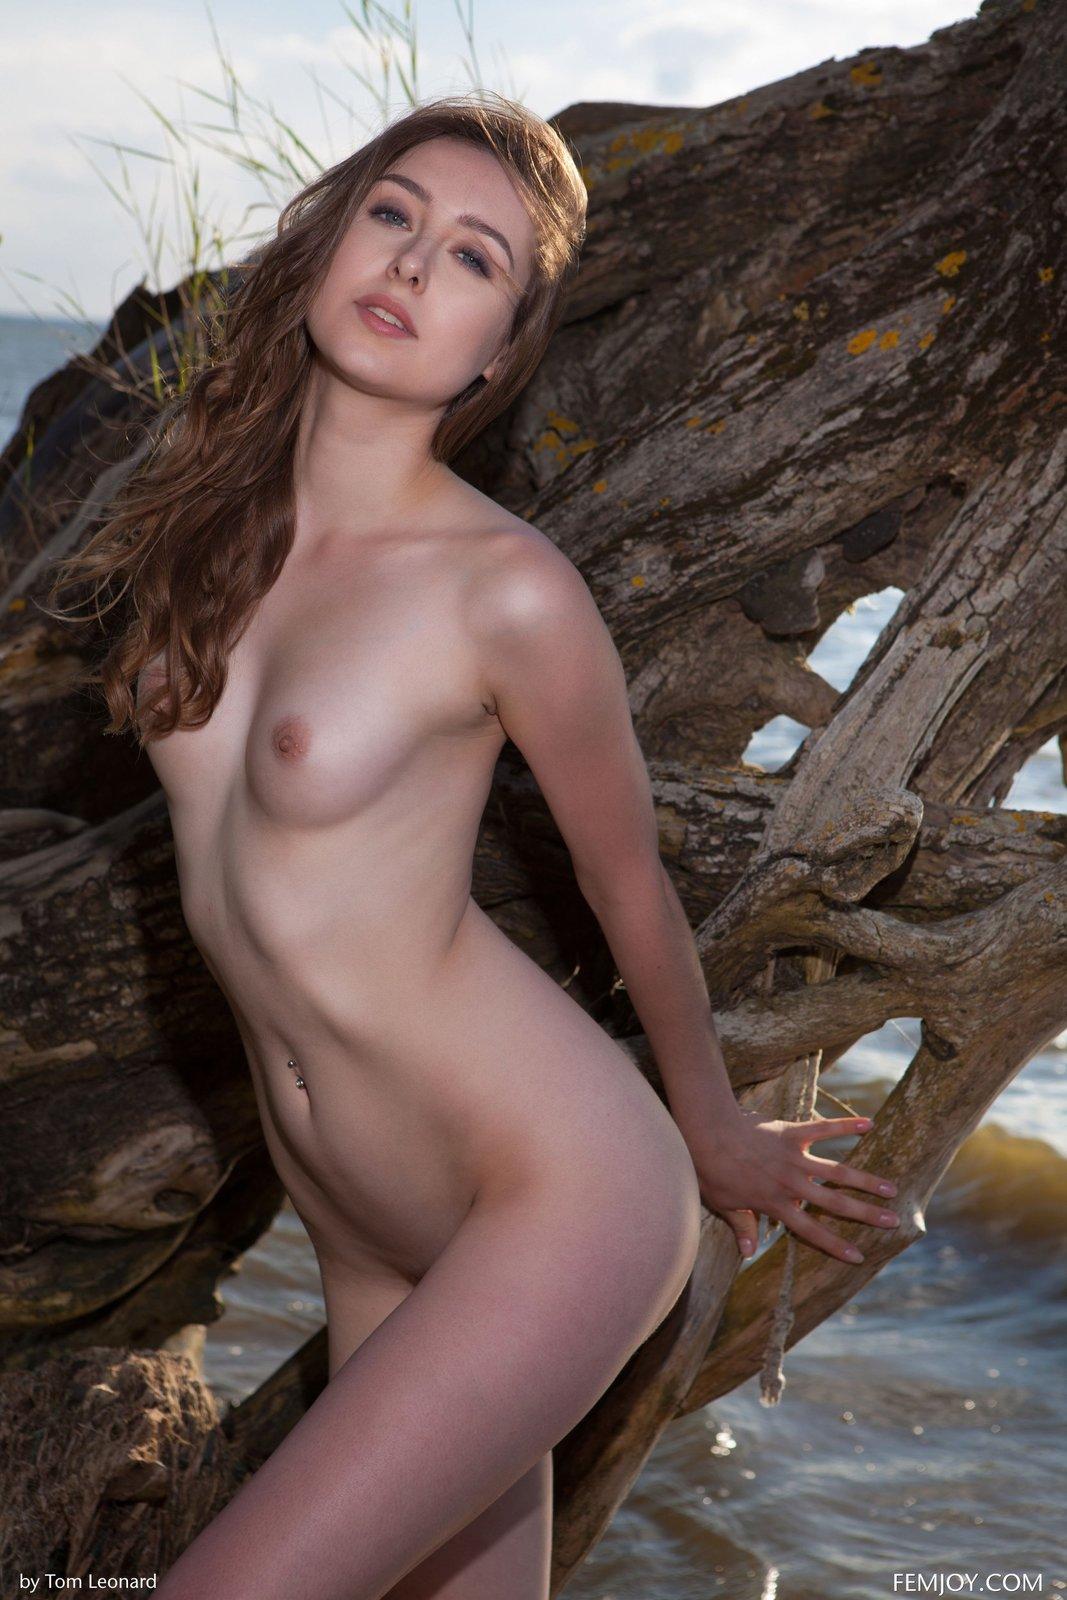 Zdjęcie porno - 12 1 - Zgrabna laska na plaży